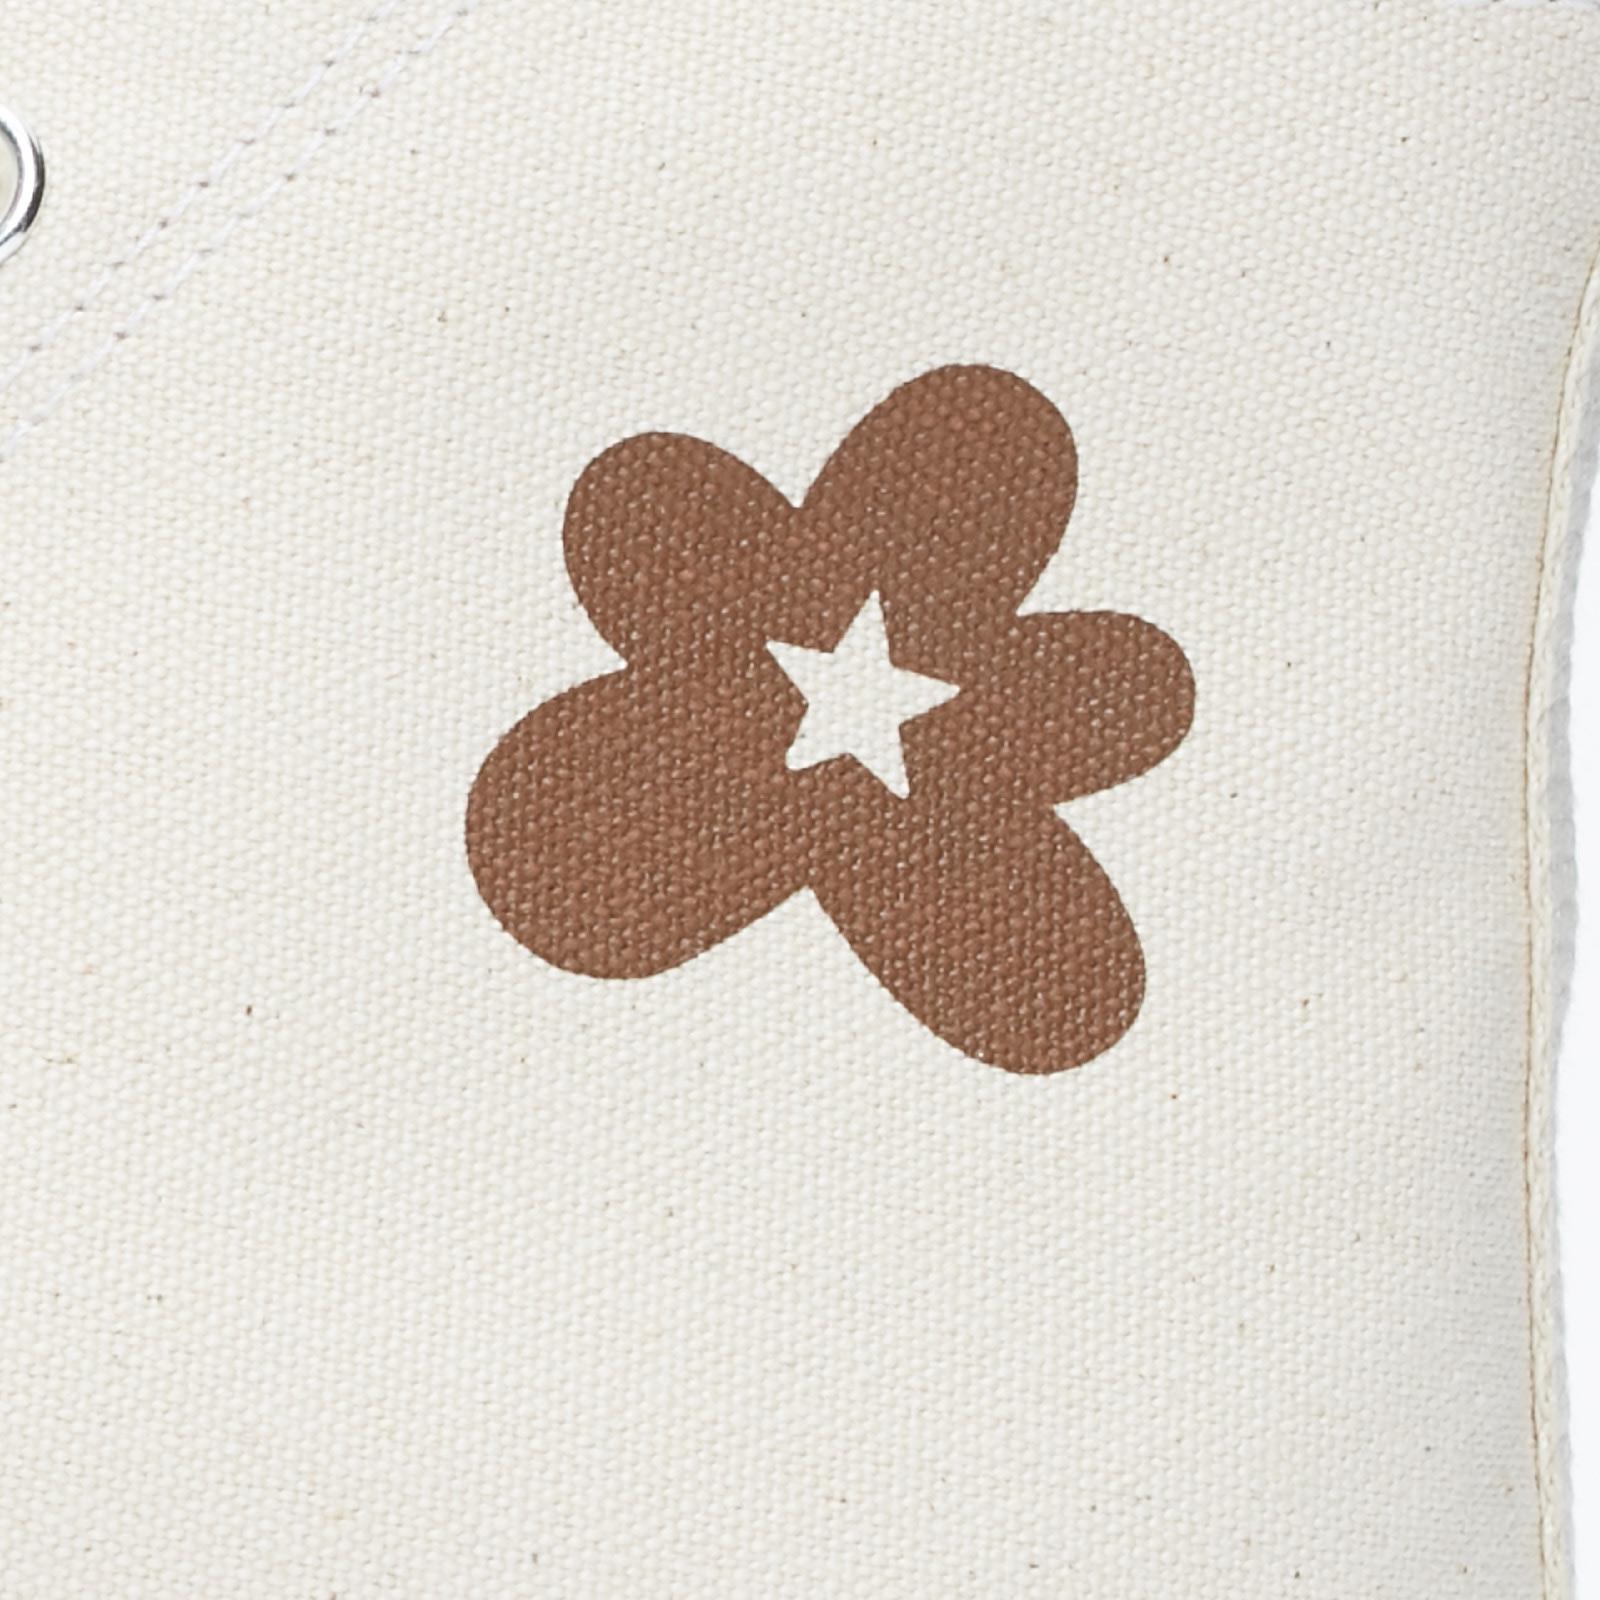 Converse Chuck 70 Hi X Golf Le Fleur 163170c Sneakersnstuff Sneakers Streetwear Online Since 1999